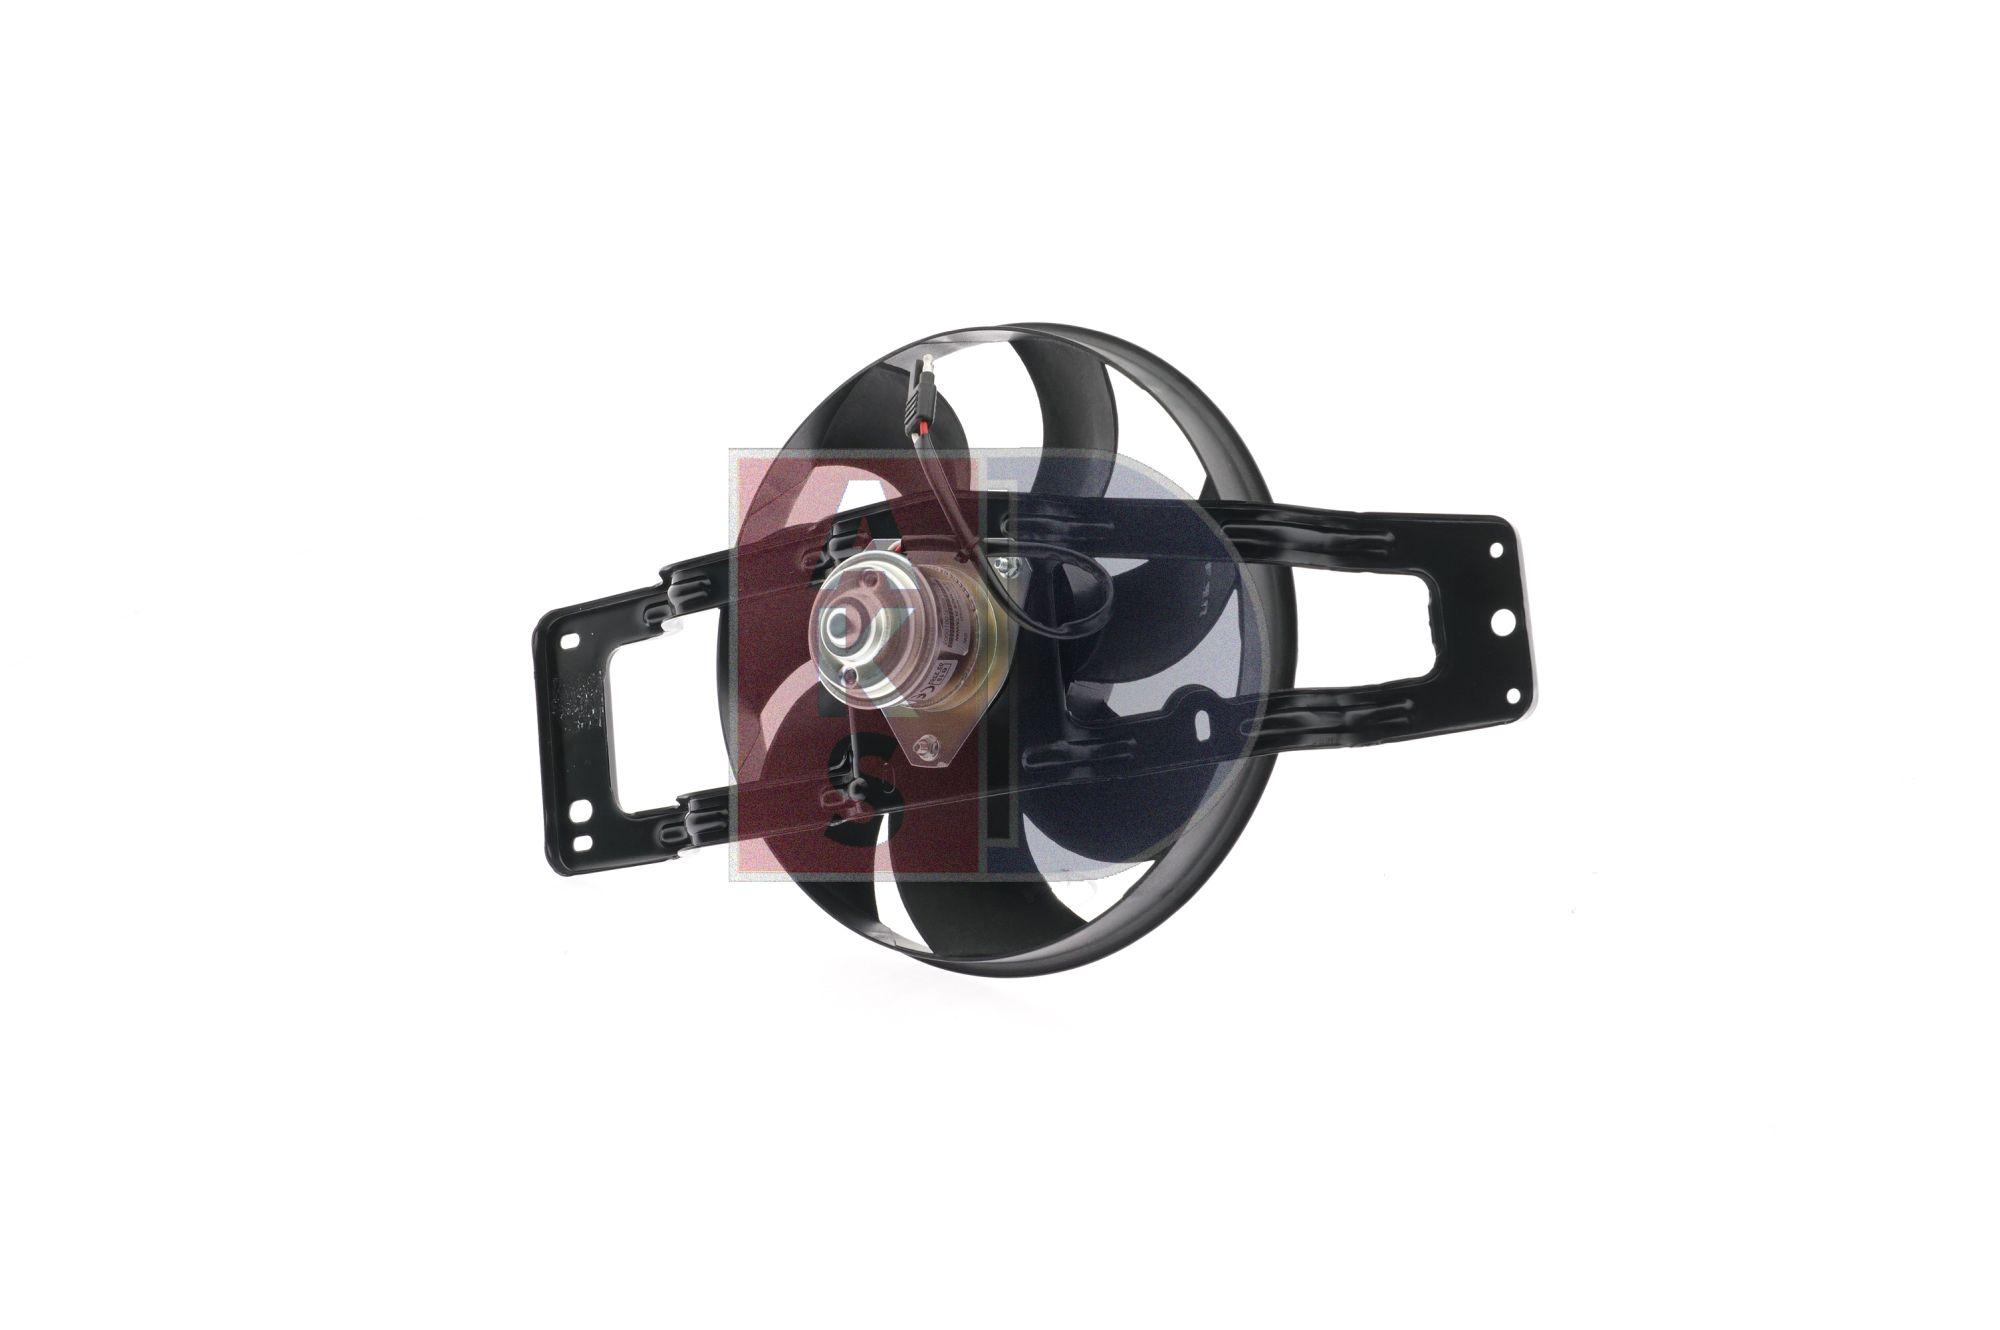 AKS DASIS 188019N : Ventilateur de moteur pour Twingo c06 1.2 2006 58 CH à un prix avantageux